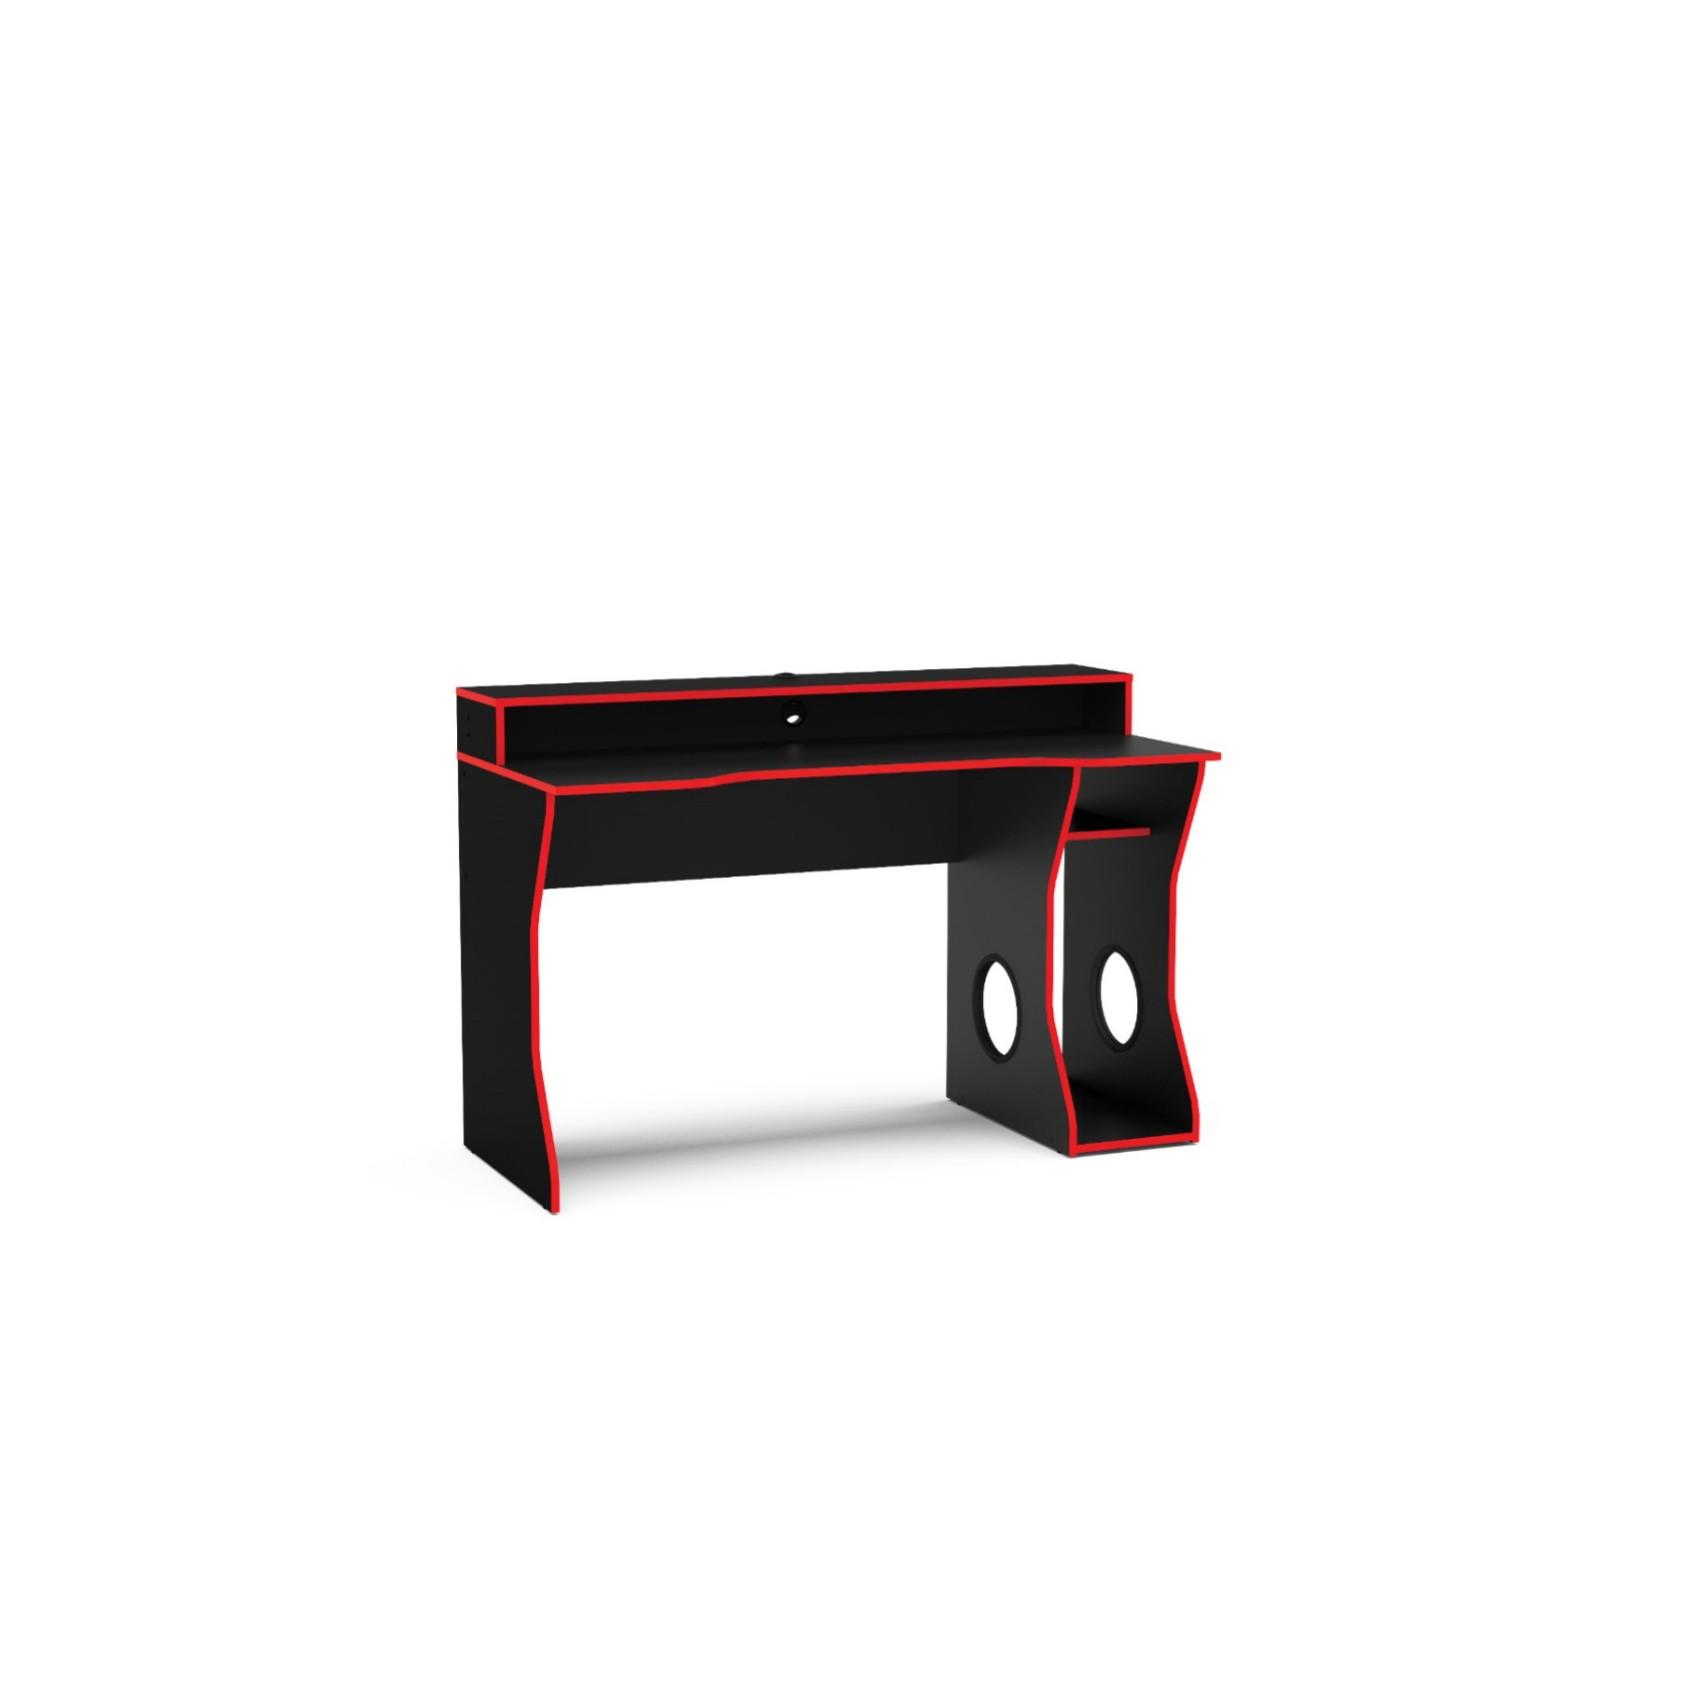 Mesa para Escritorio Vermelha e Preta 130cm Fremont - Politorno